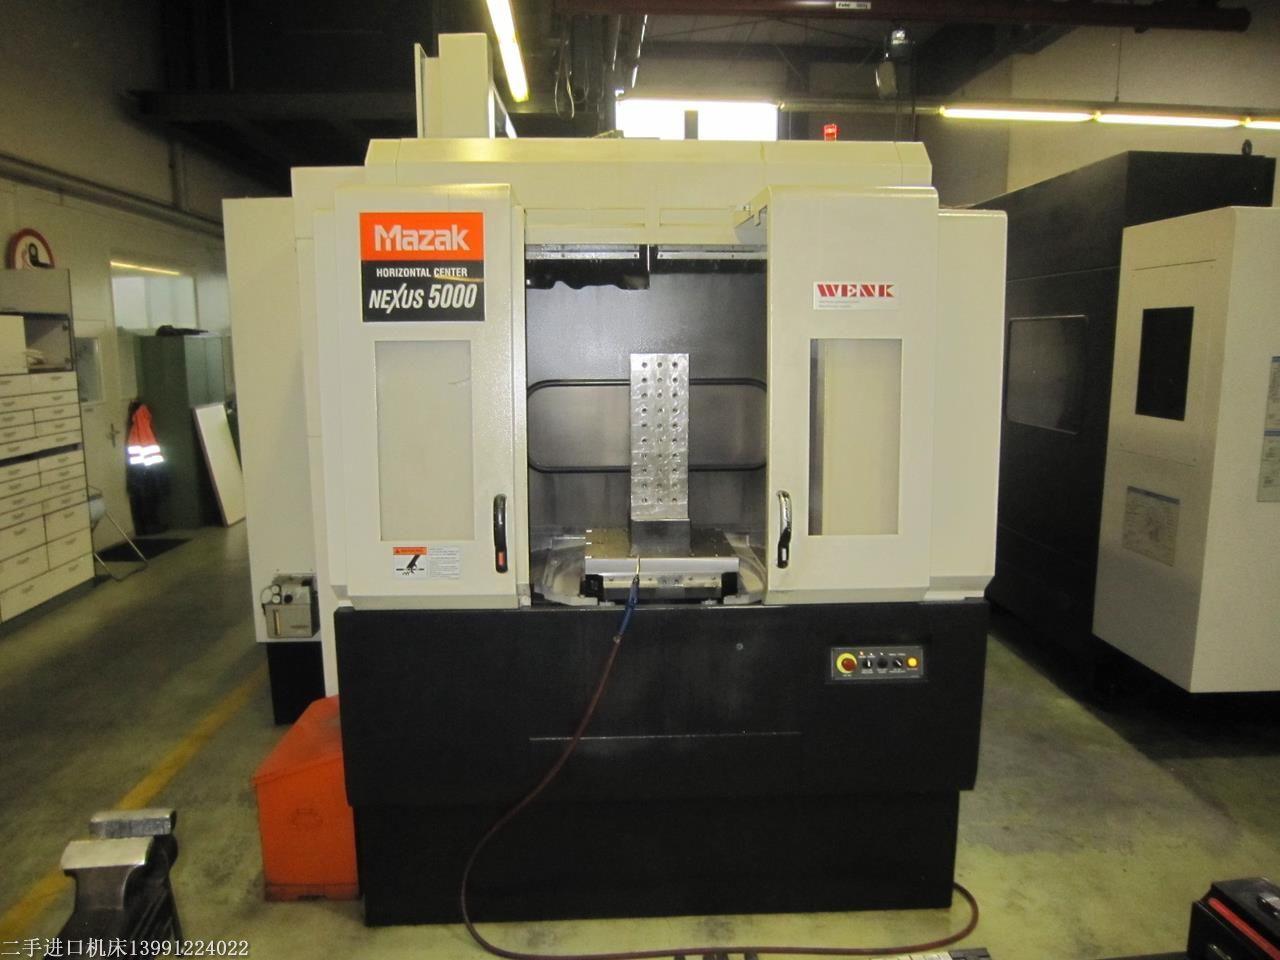 供应达州二手MAZAK卧式加工中心,二手MAZAK NEXUS HCN 5000卧式加工中心